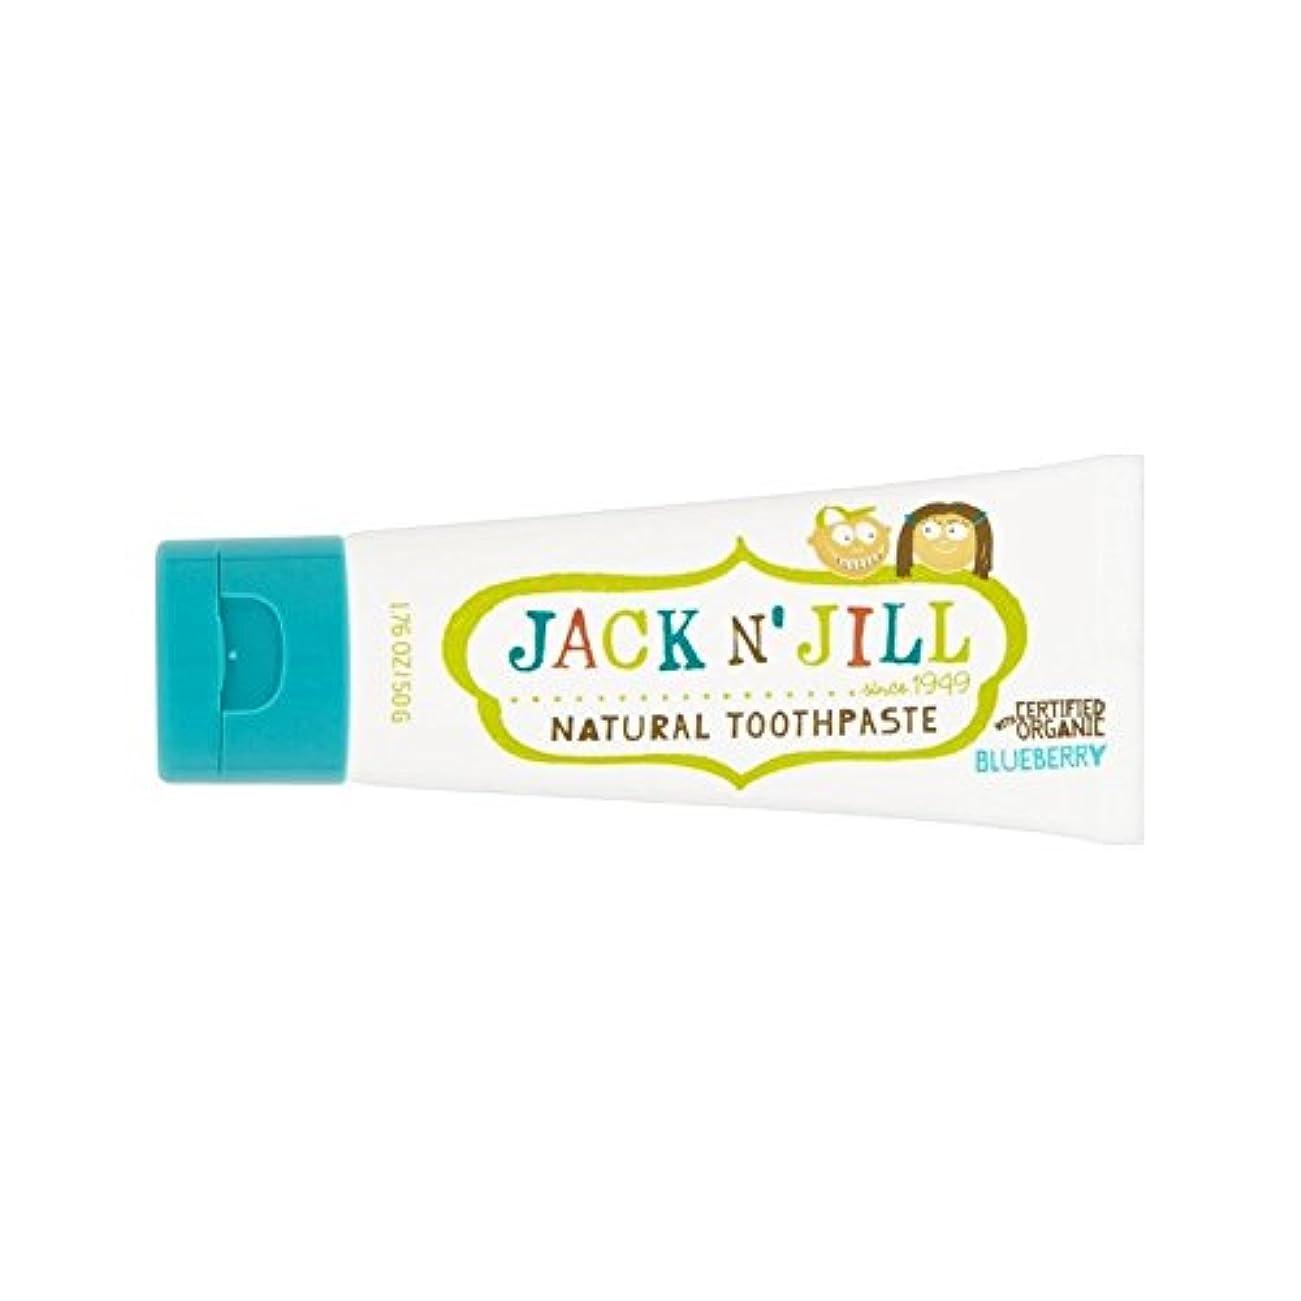 始まり感性丈夫有機香味50グラムとの自然なブルーベリー歯磨き粉 (Jack N Jill) - Jack N' Jill Blueberry Toothpaste Natural with Organic Flavouring 50g...